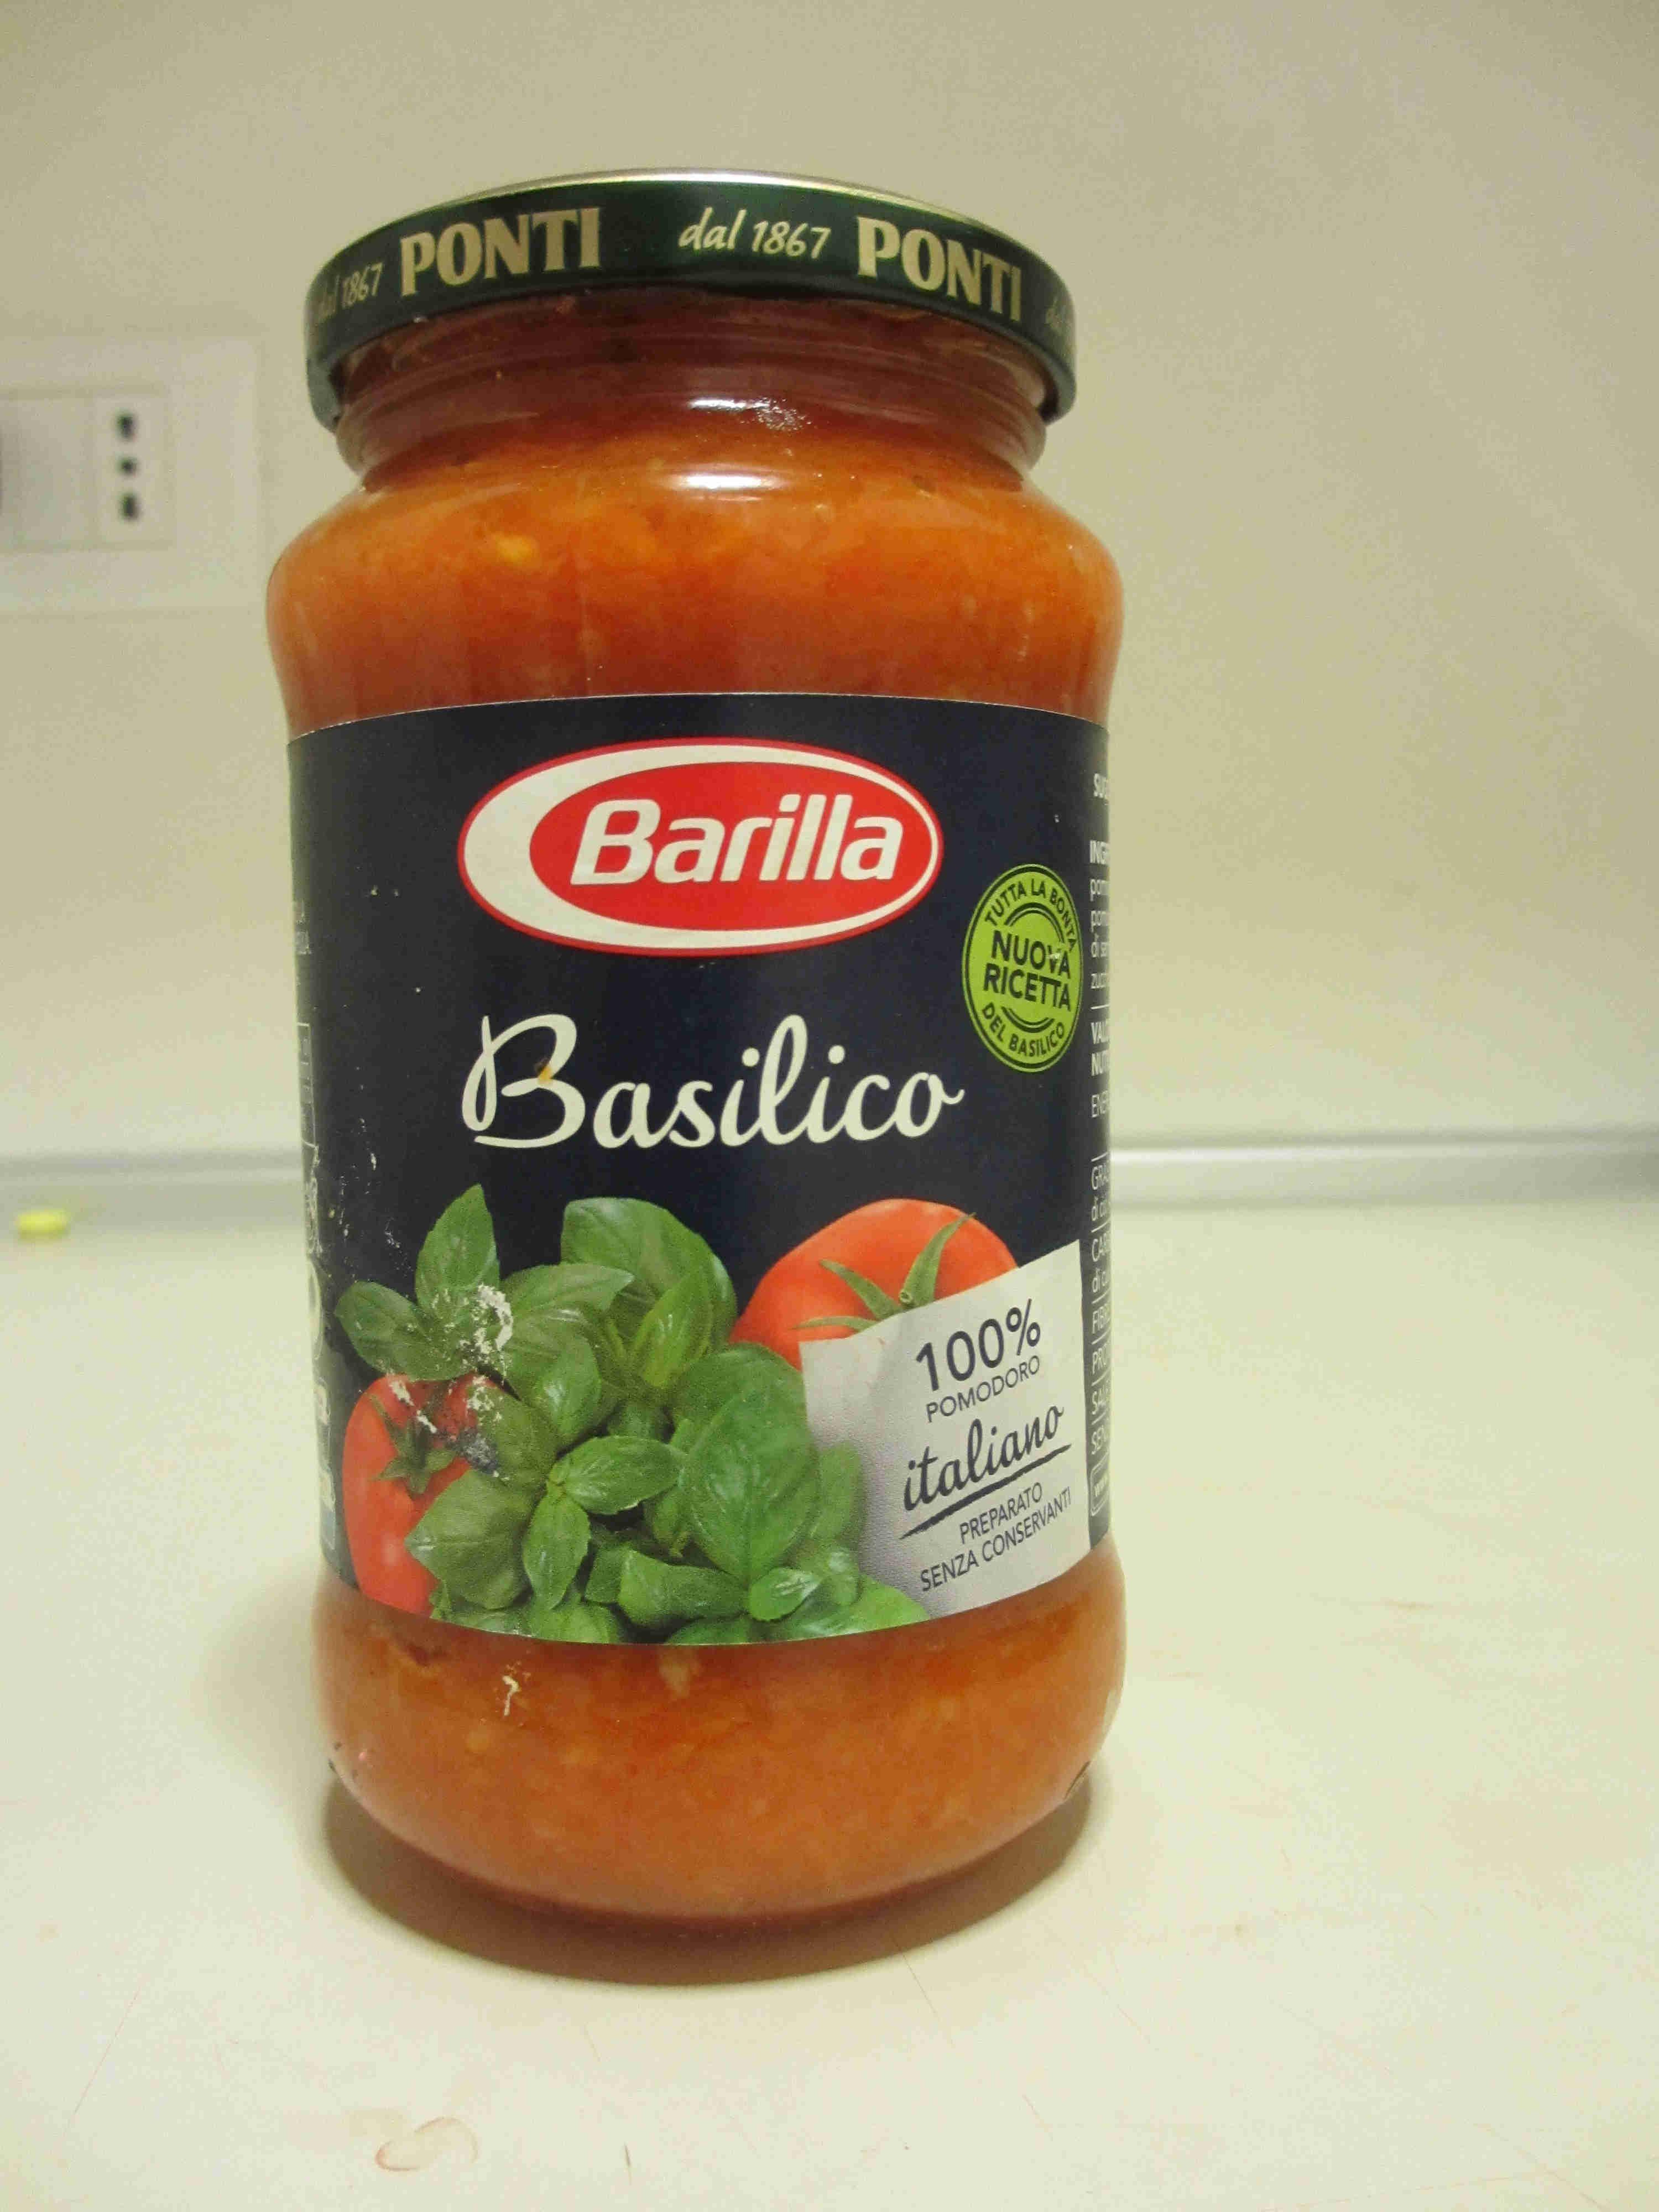 Как варить, приготовить макароны? Готовим макароны в